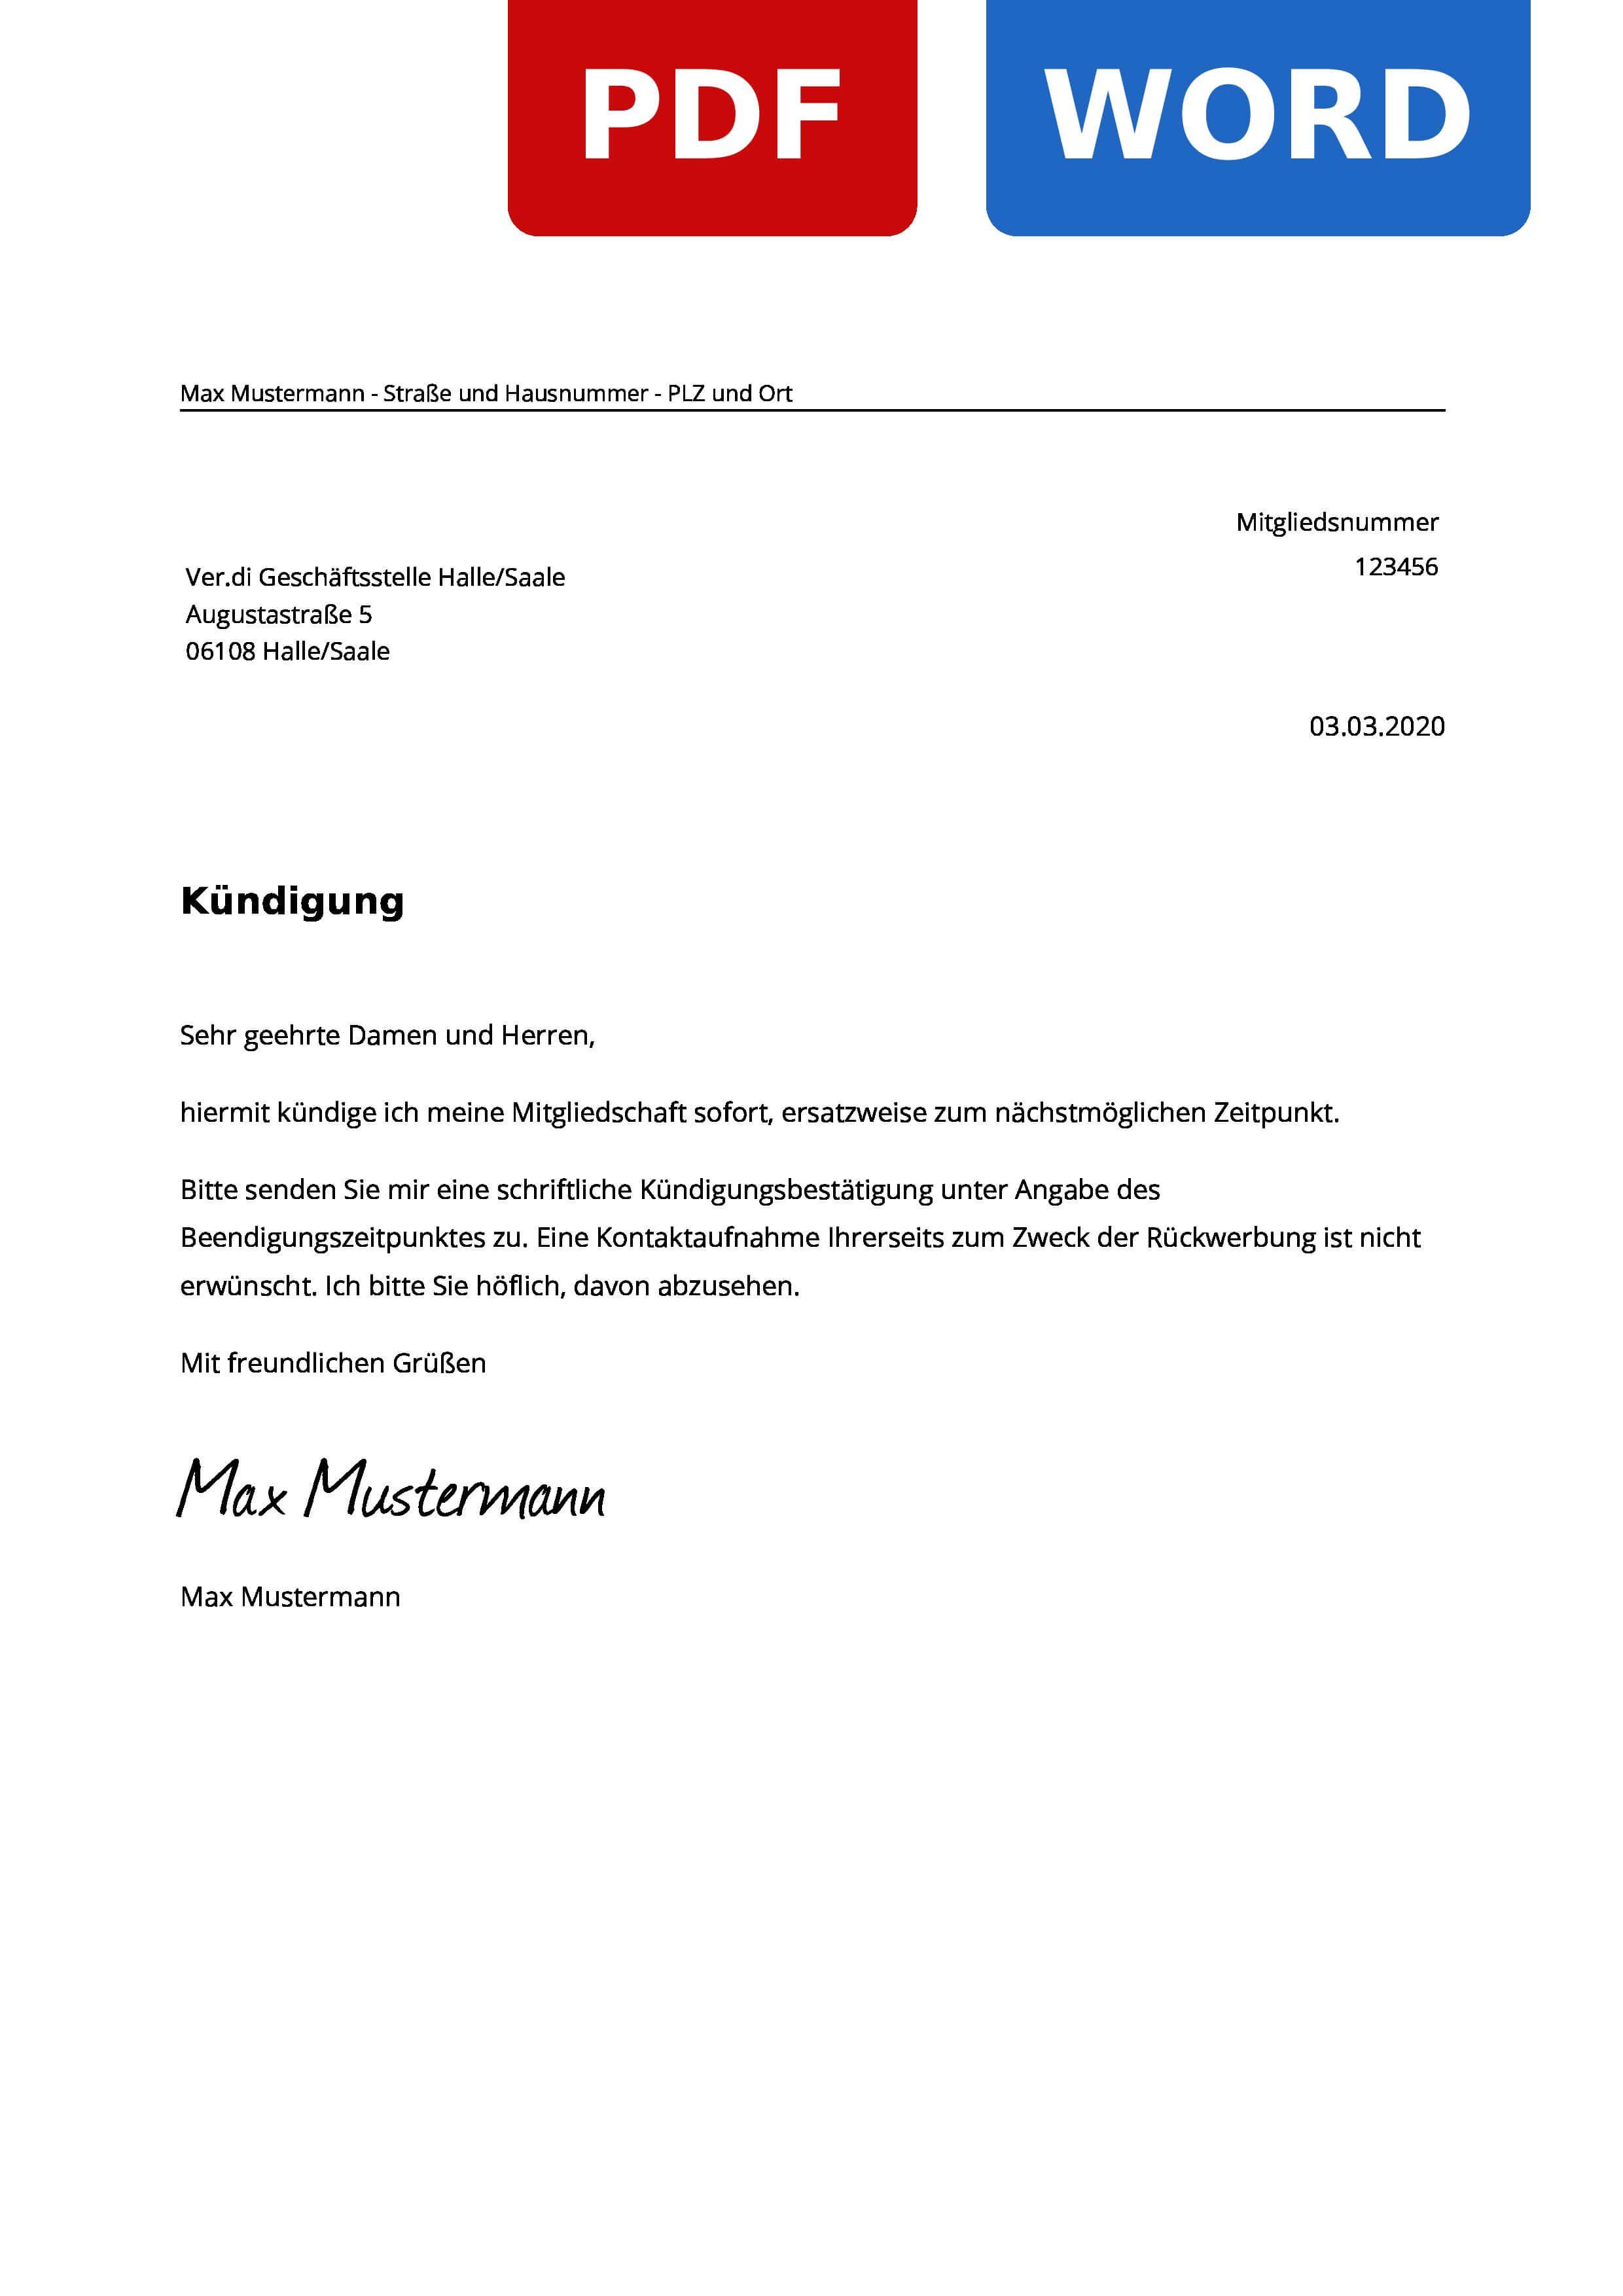 Verdi Halle Saale Kundigen Kostenlose Muster Vorlage